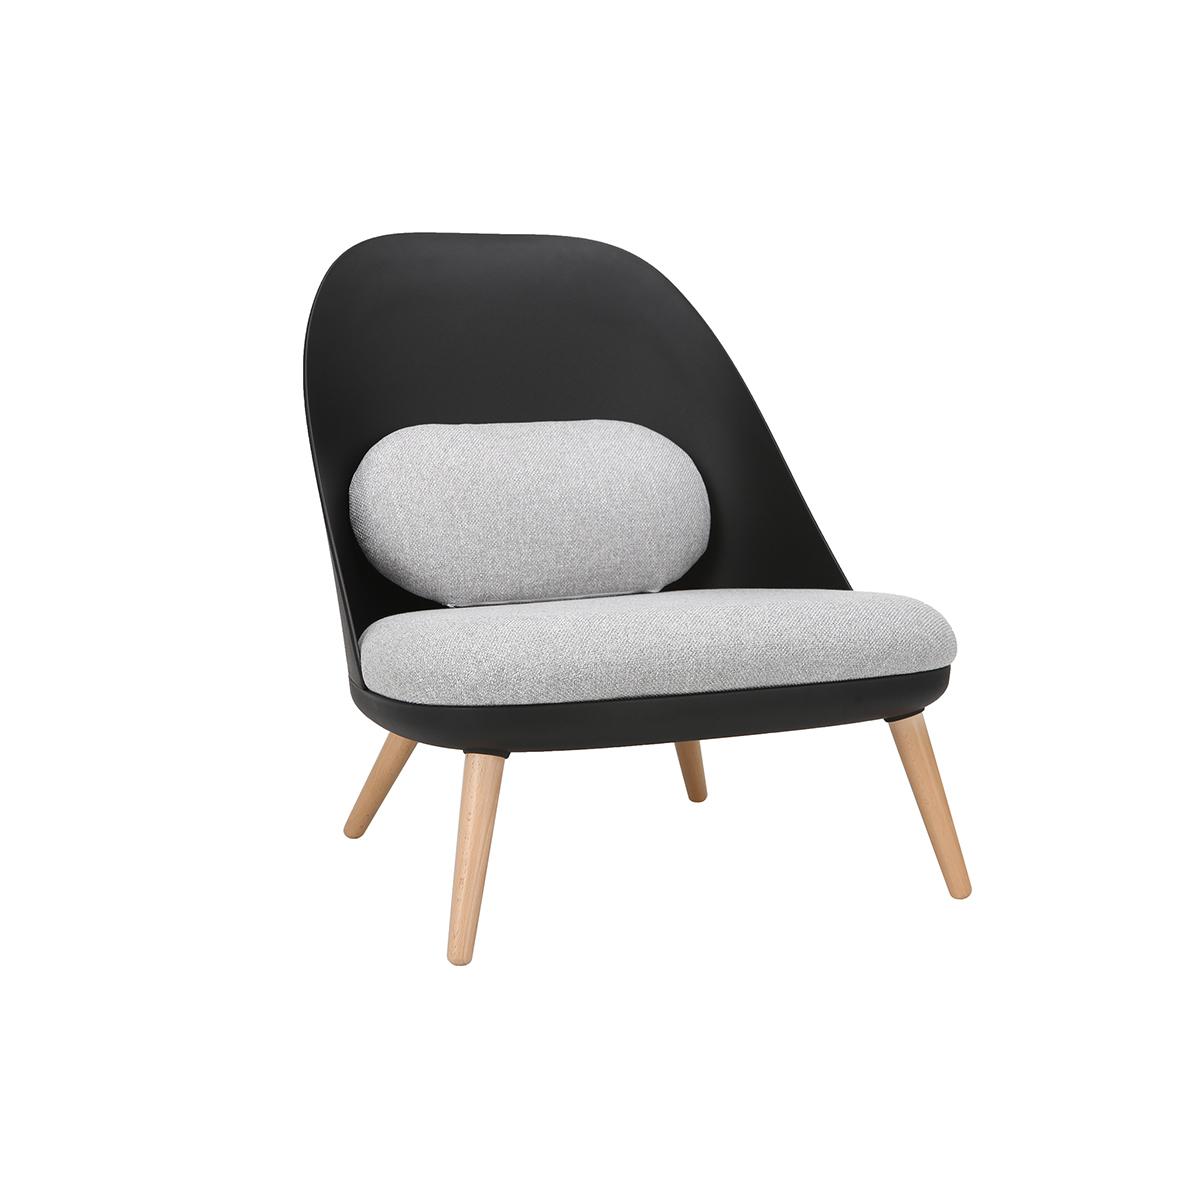 Poltrona design Nero con cuscini in tessuto e piedi in legno chiaro LEAF